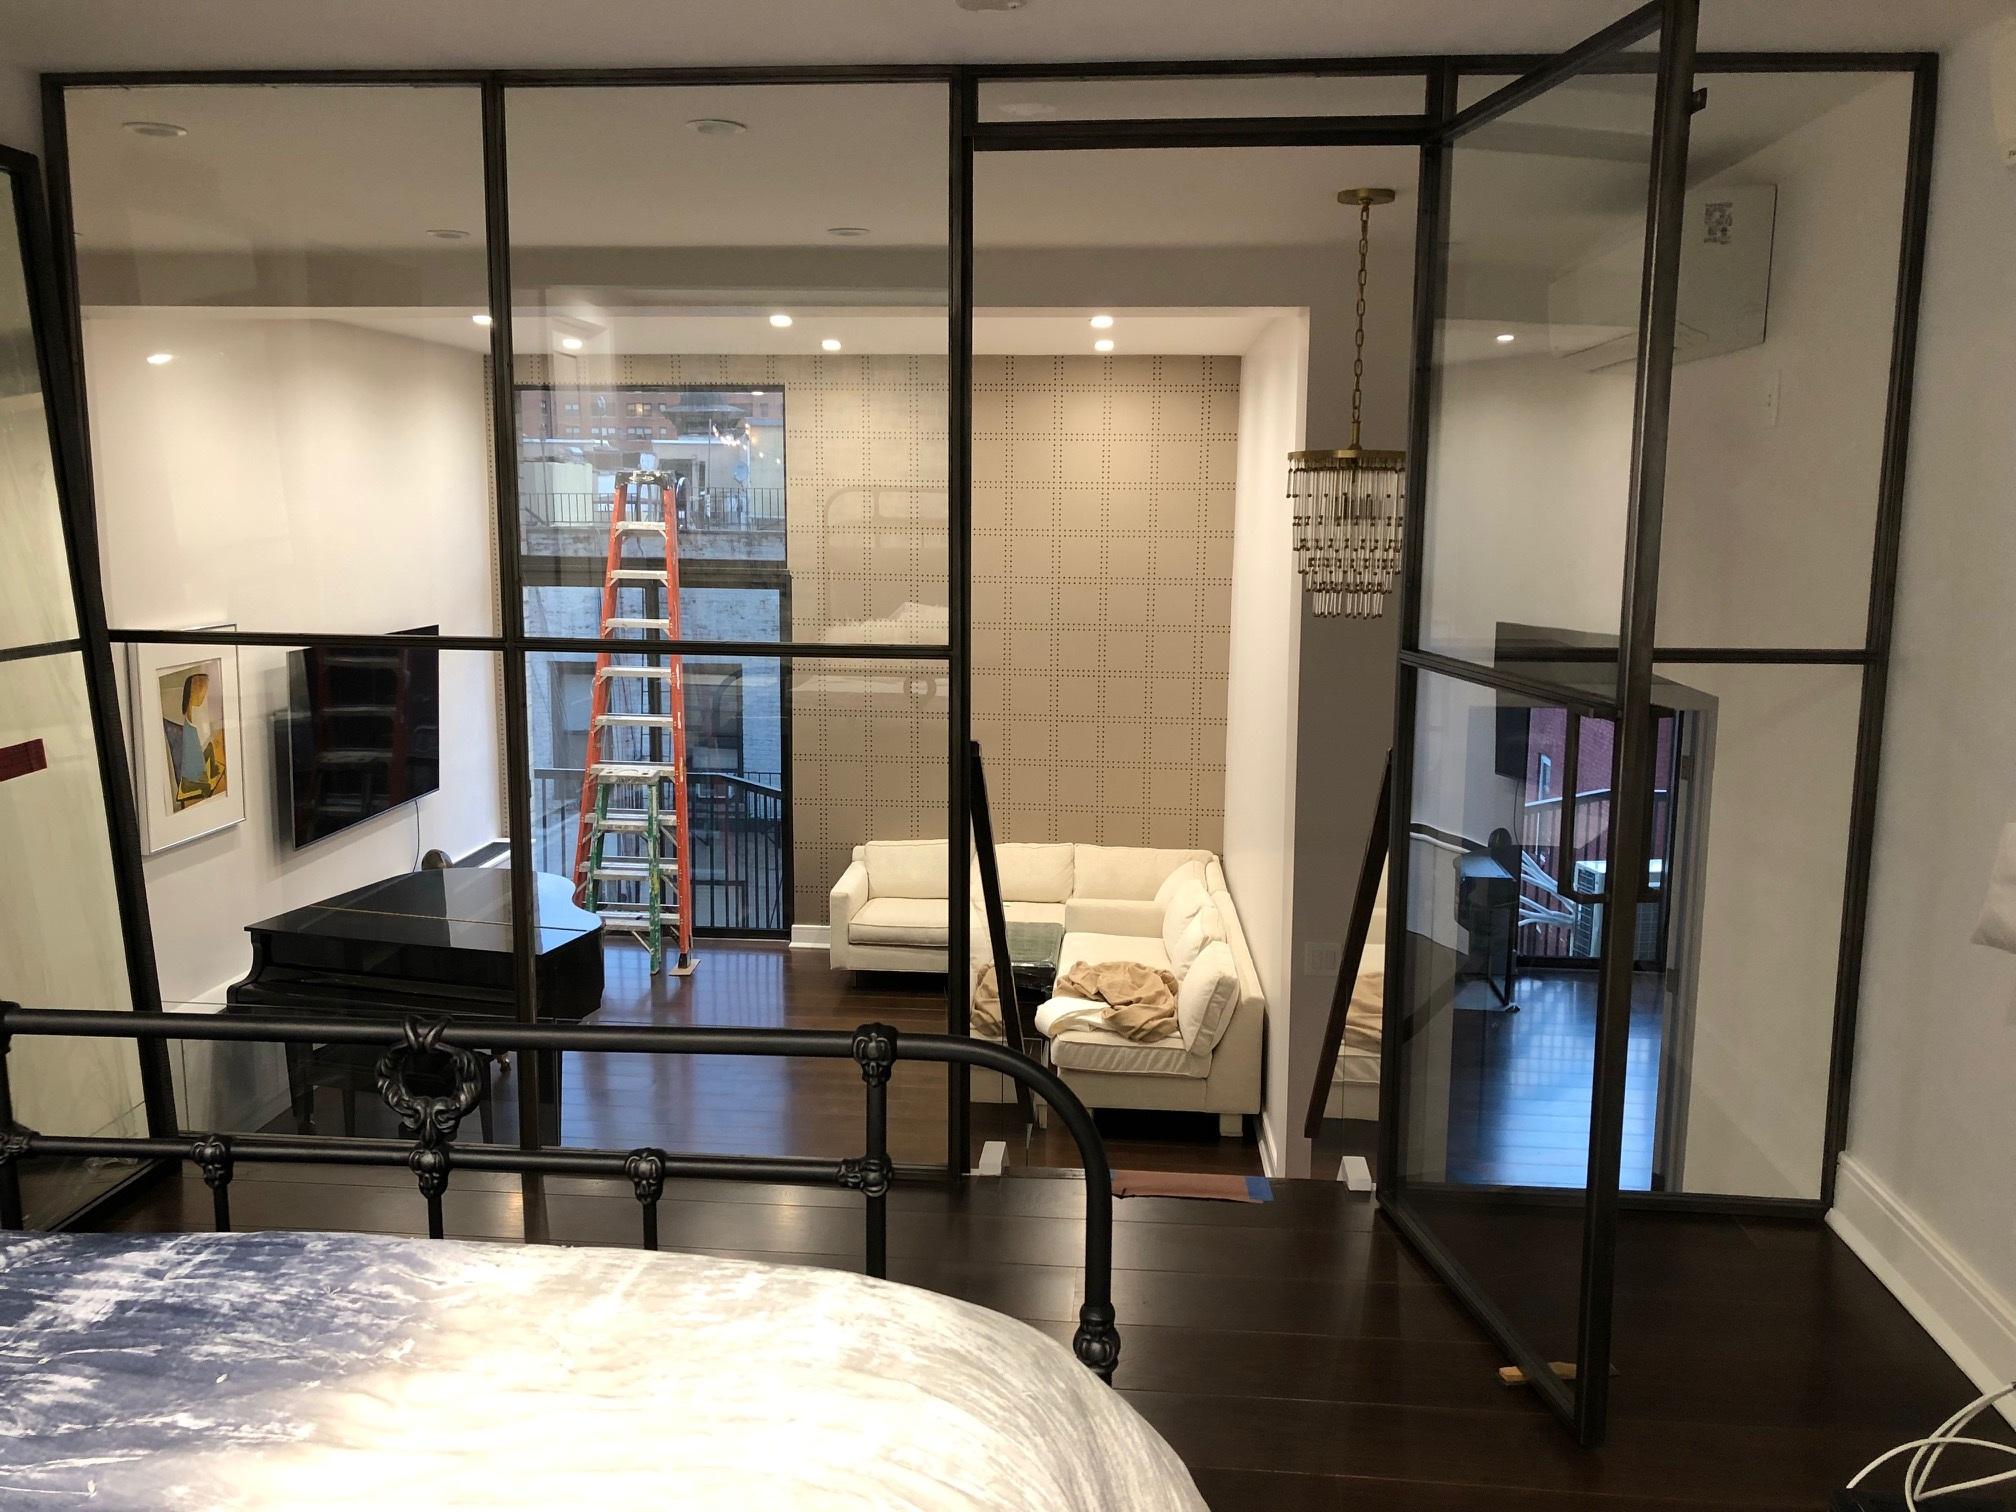 Steel & Glass Loft Wall with Swing Door